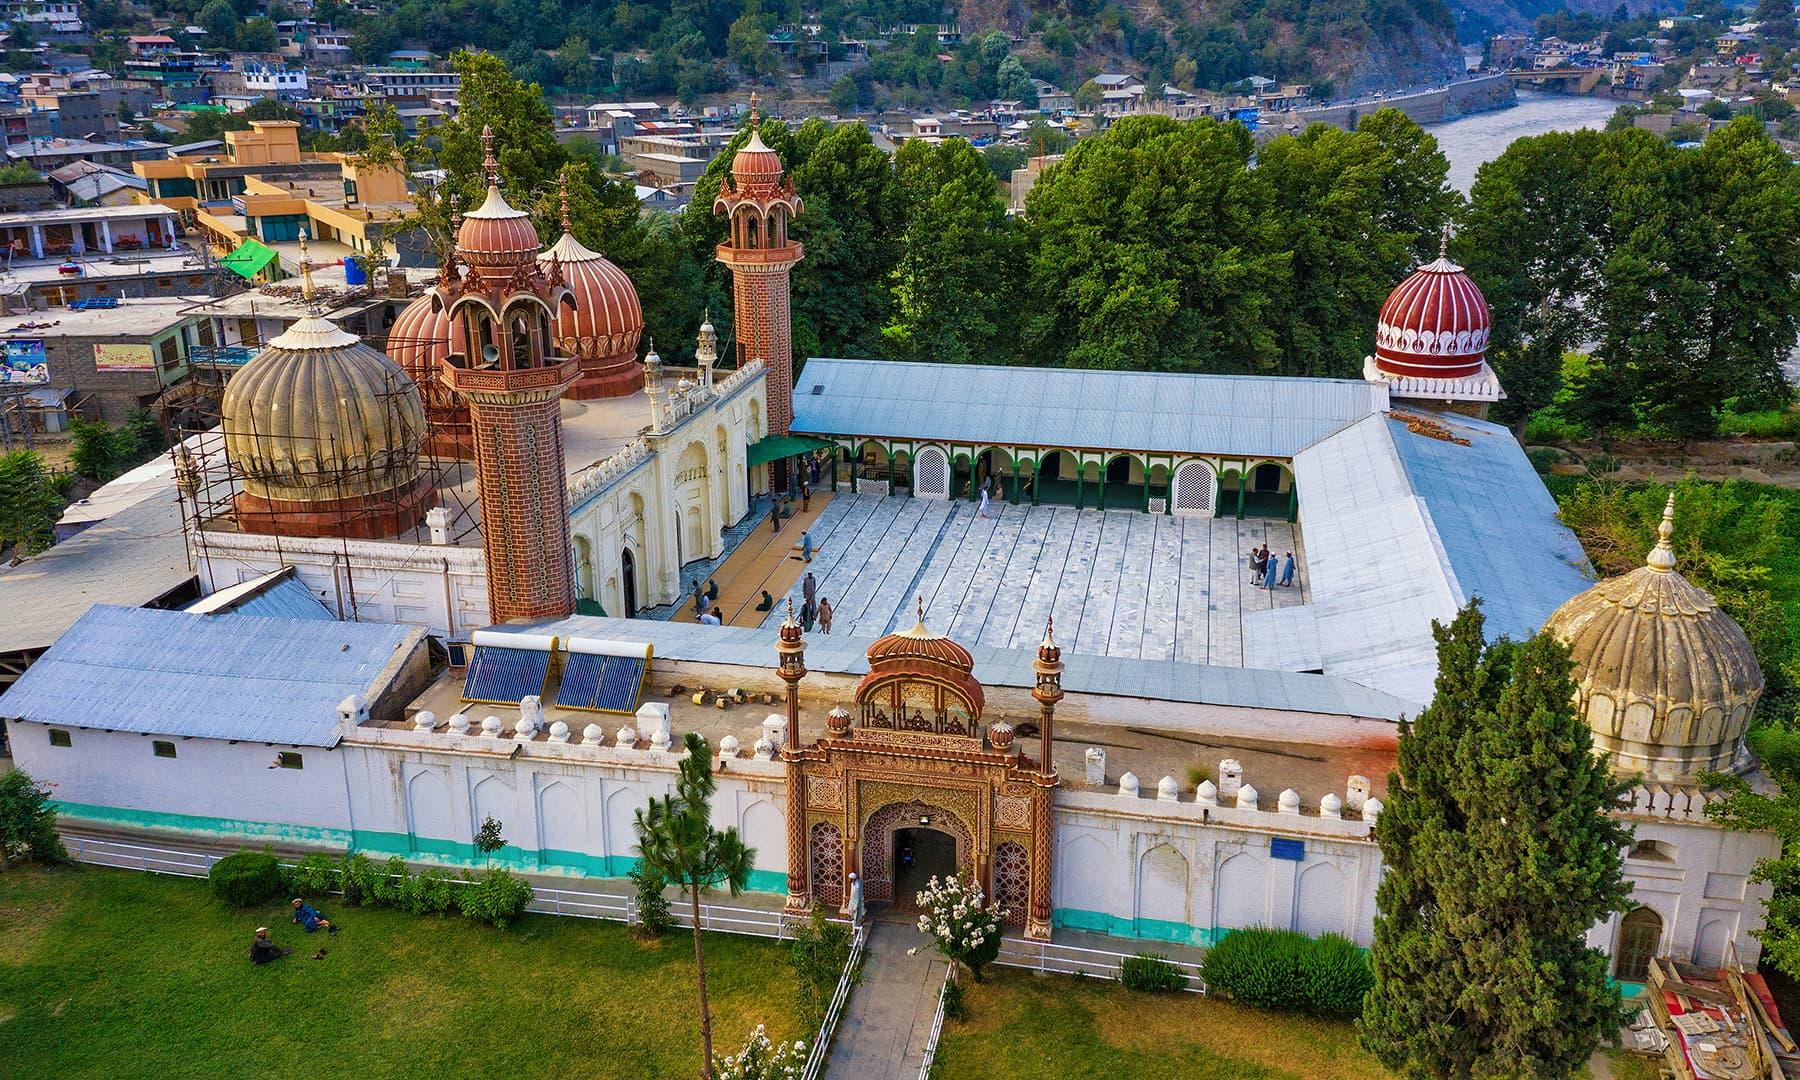 چترال کی شاہی مسجد—سید مہدی بخاری